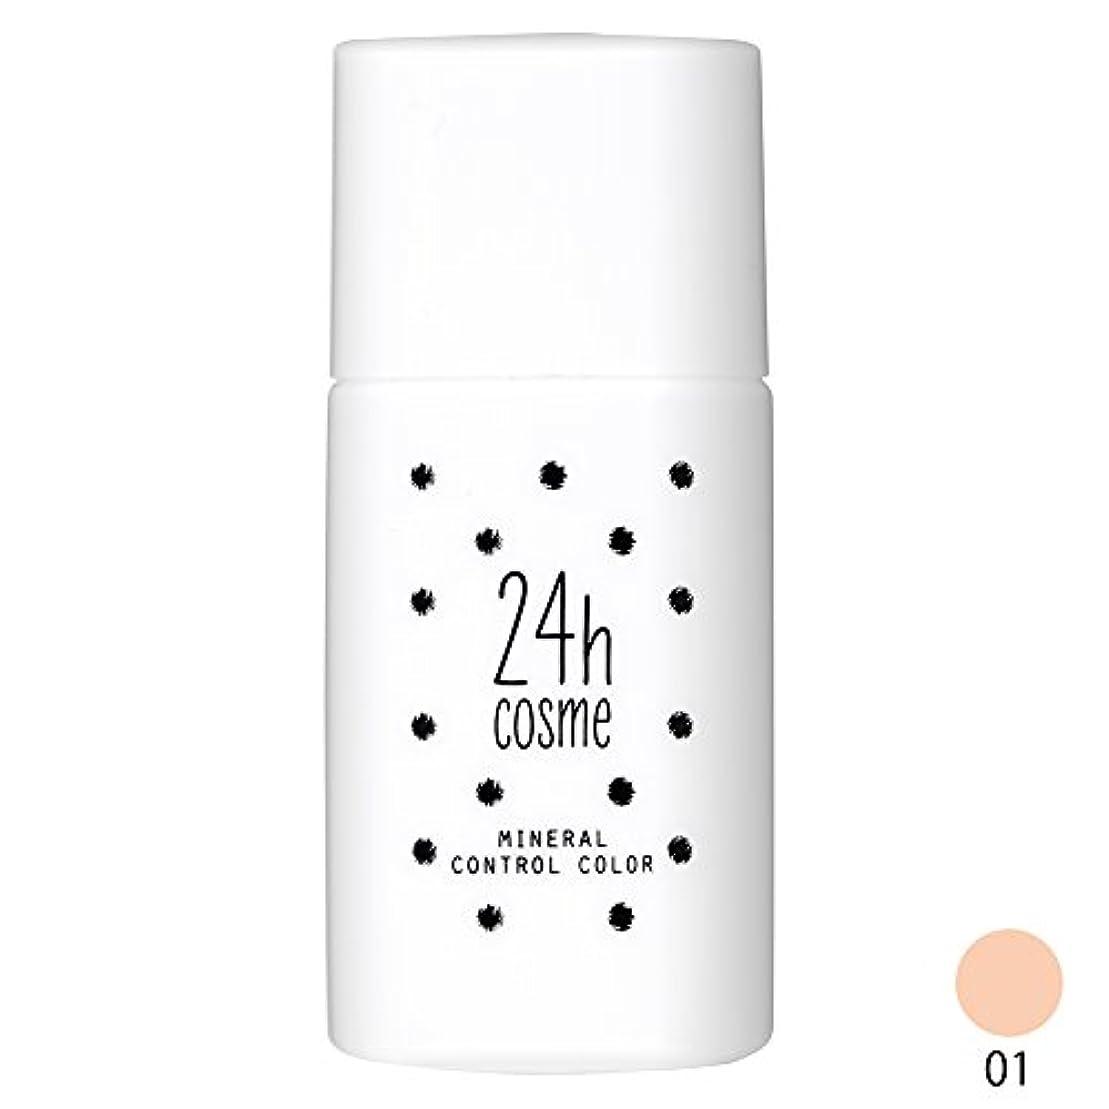 メタリックニュージーランドエピソード24h cosme 24 コントロールベースカラー 01ブライトピンク 肌に優しい化粧下地 20ml